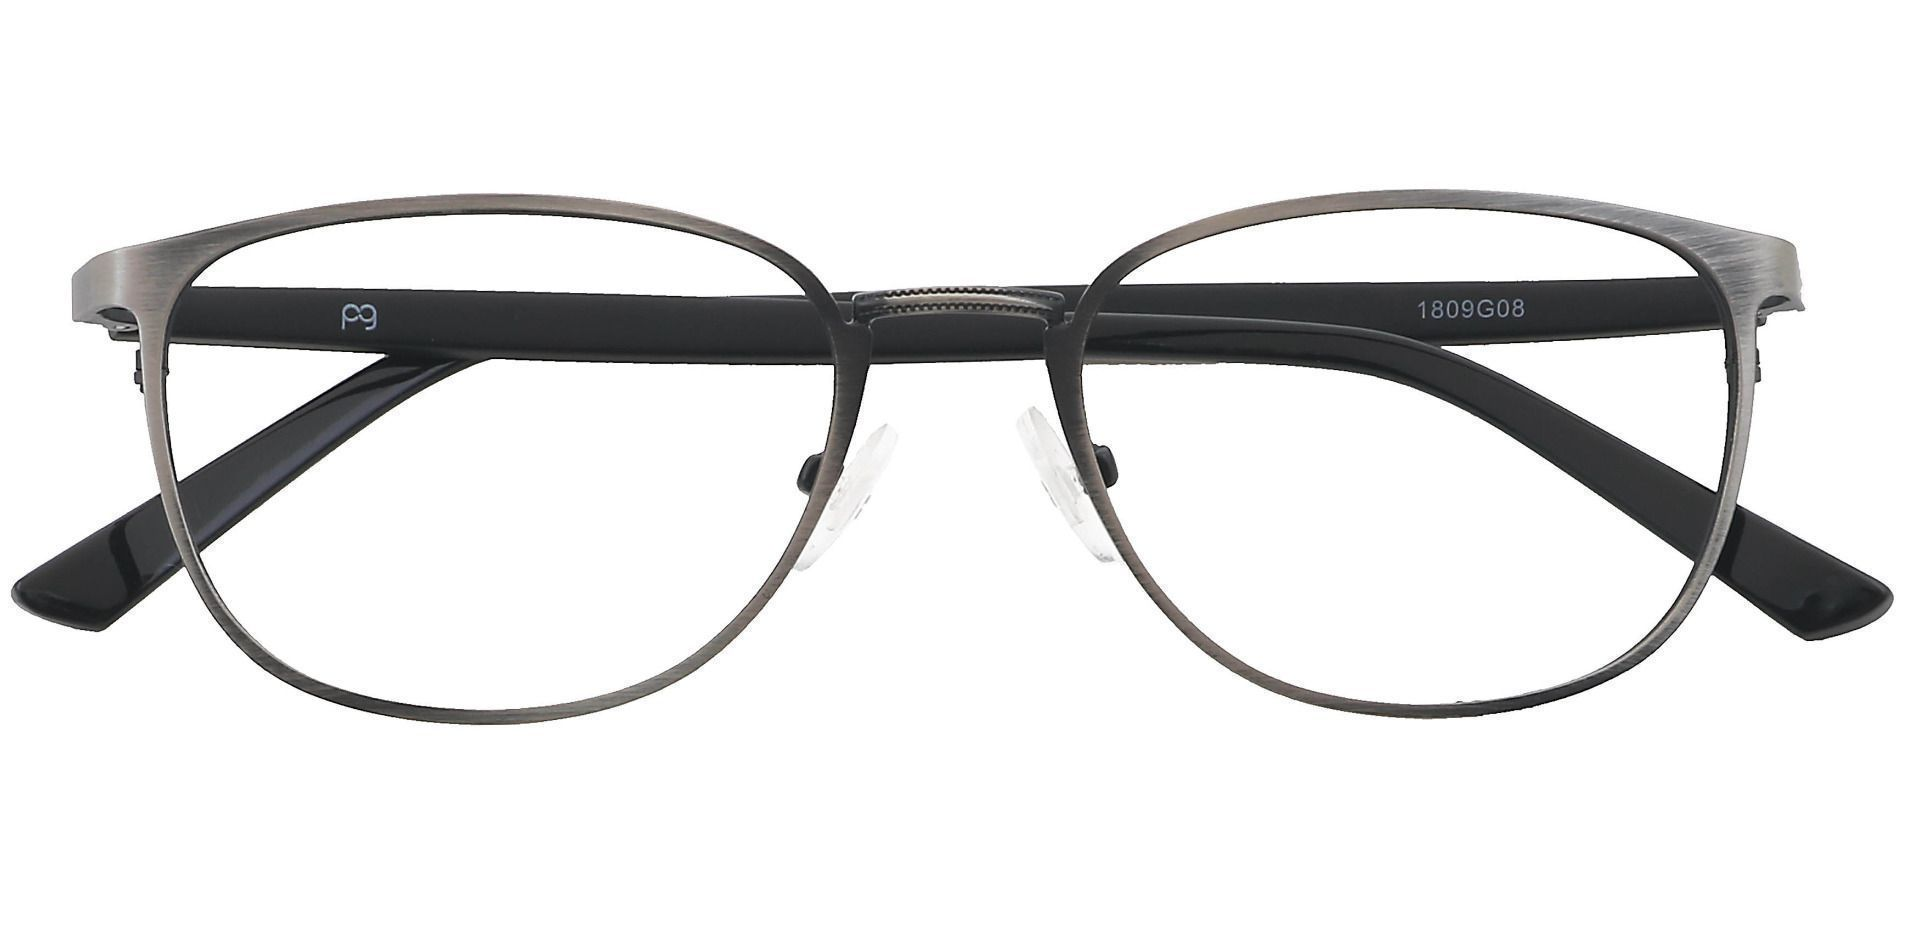 Sailor Square Reading Glasses - Gray